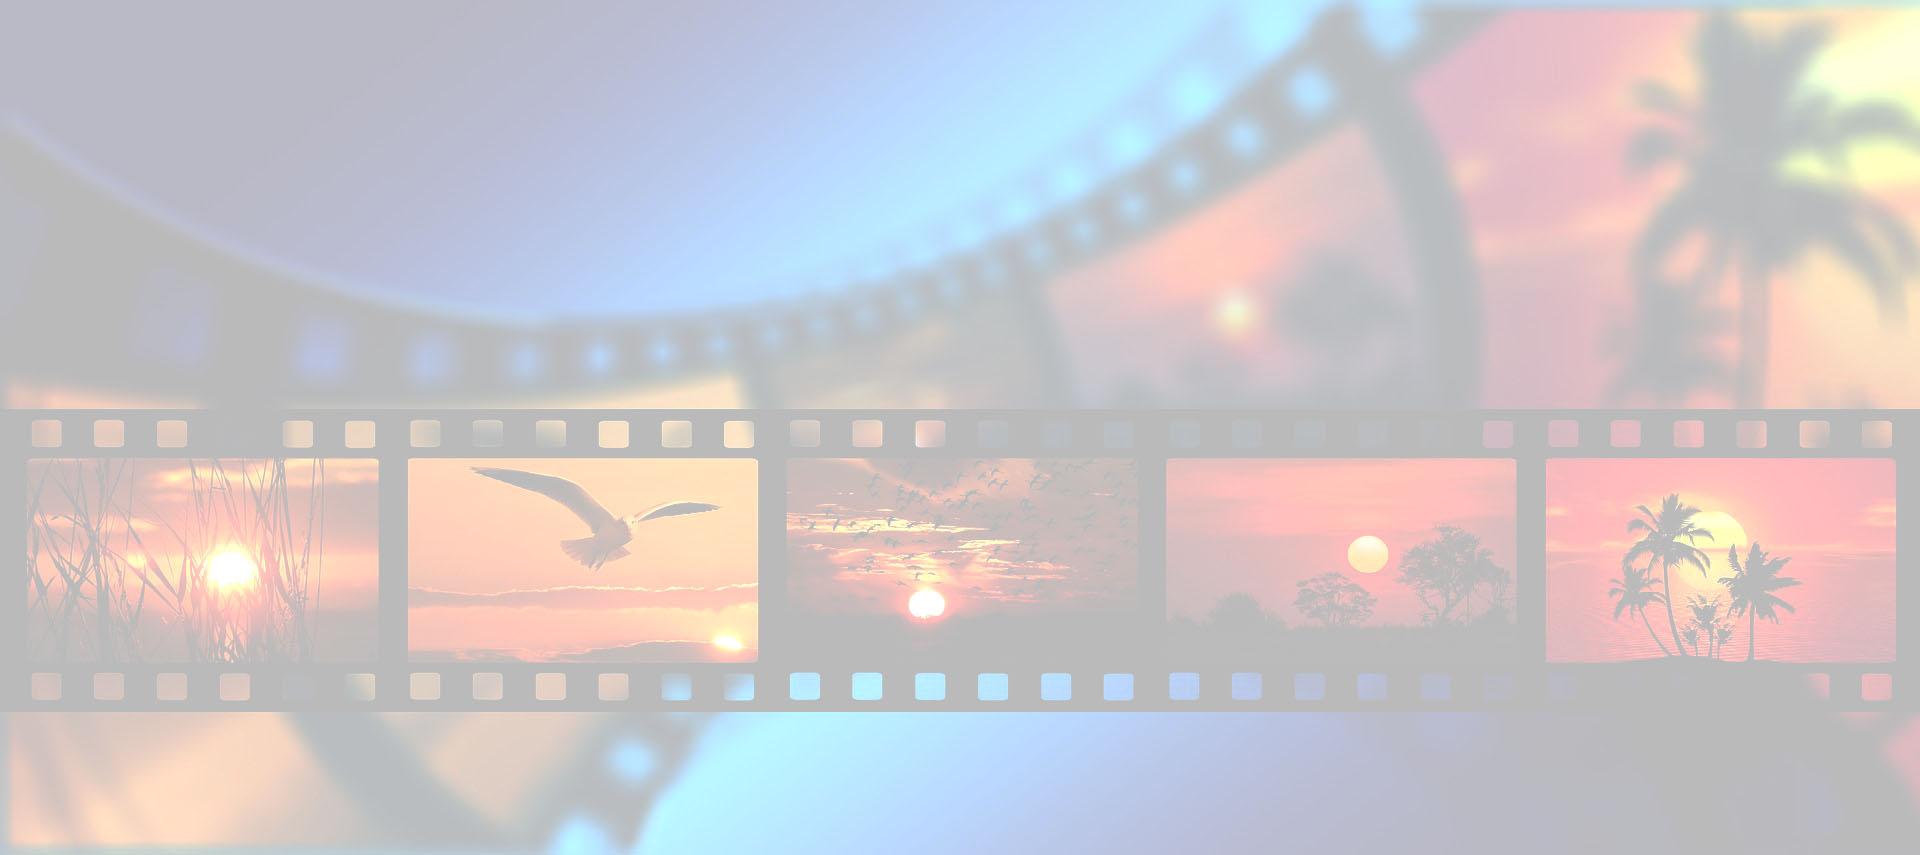 格安で動画制作を依頼するにはどうすればいい?失敗しない方法は!?